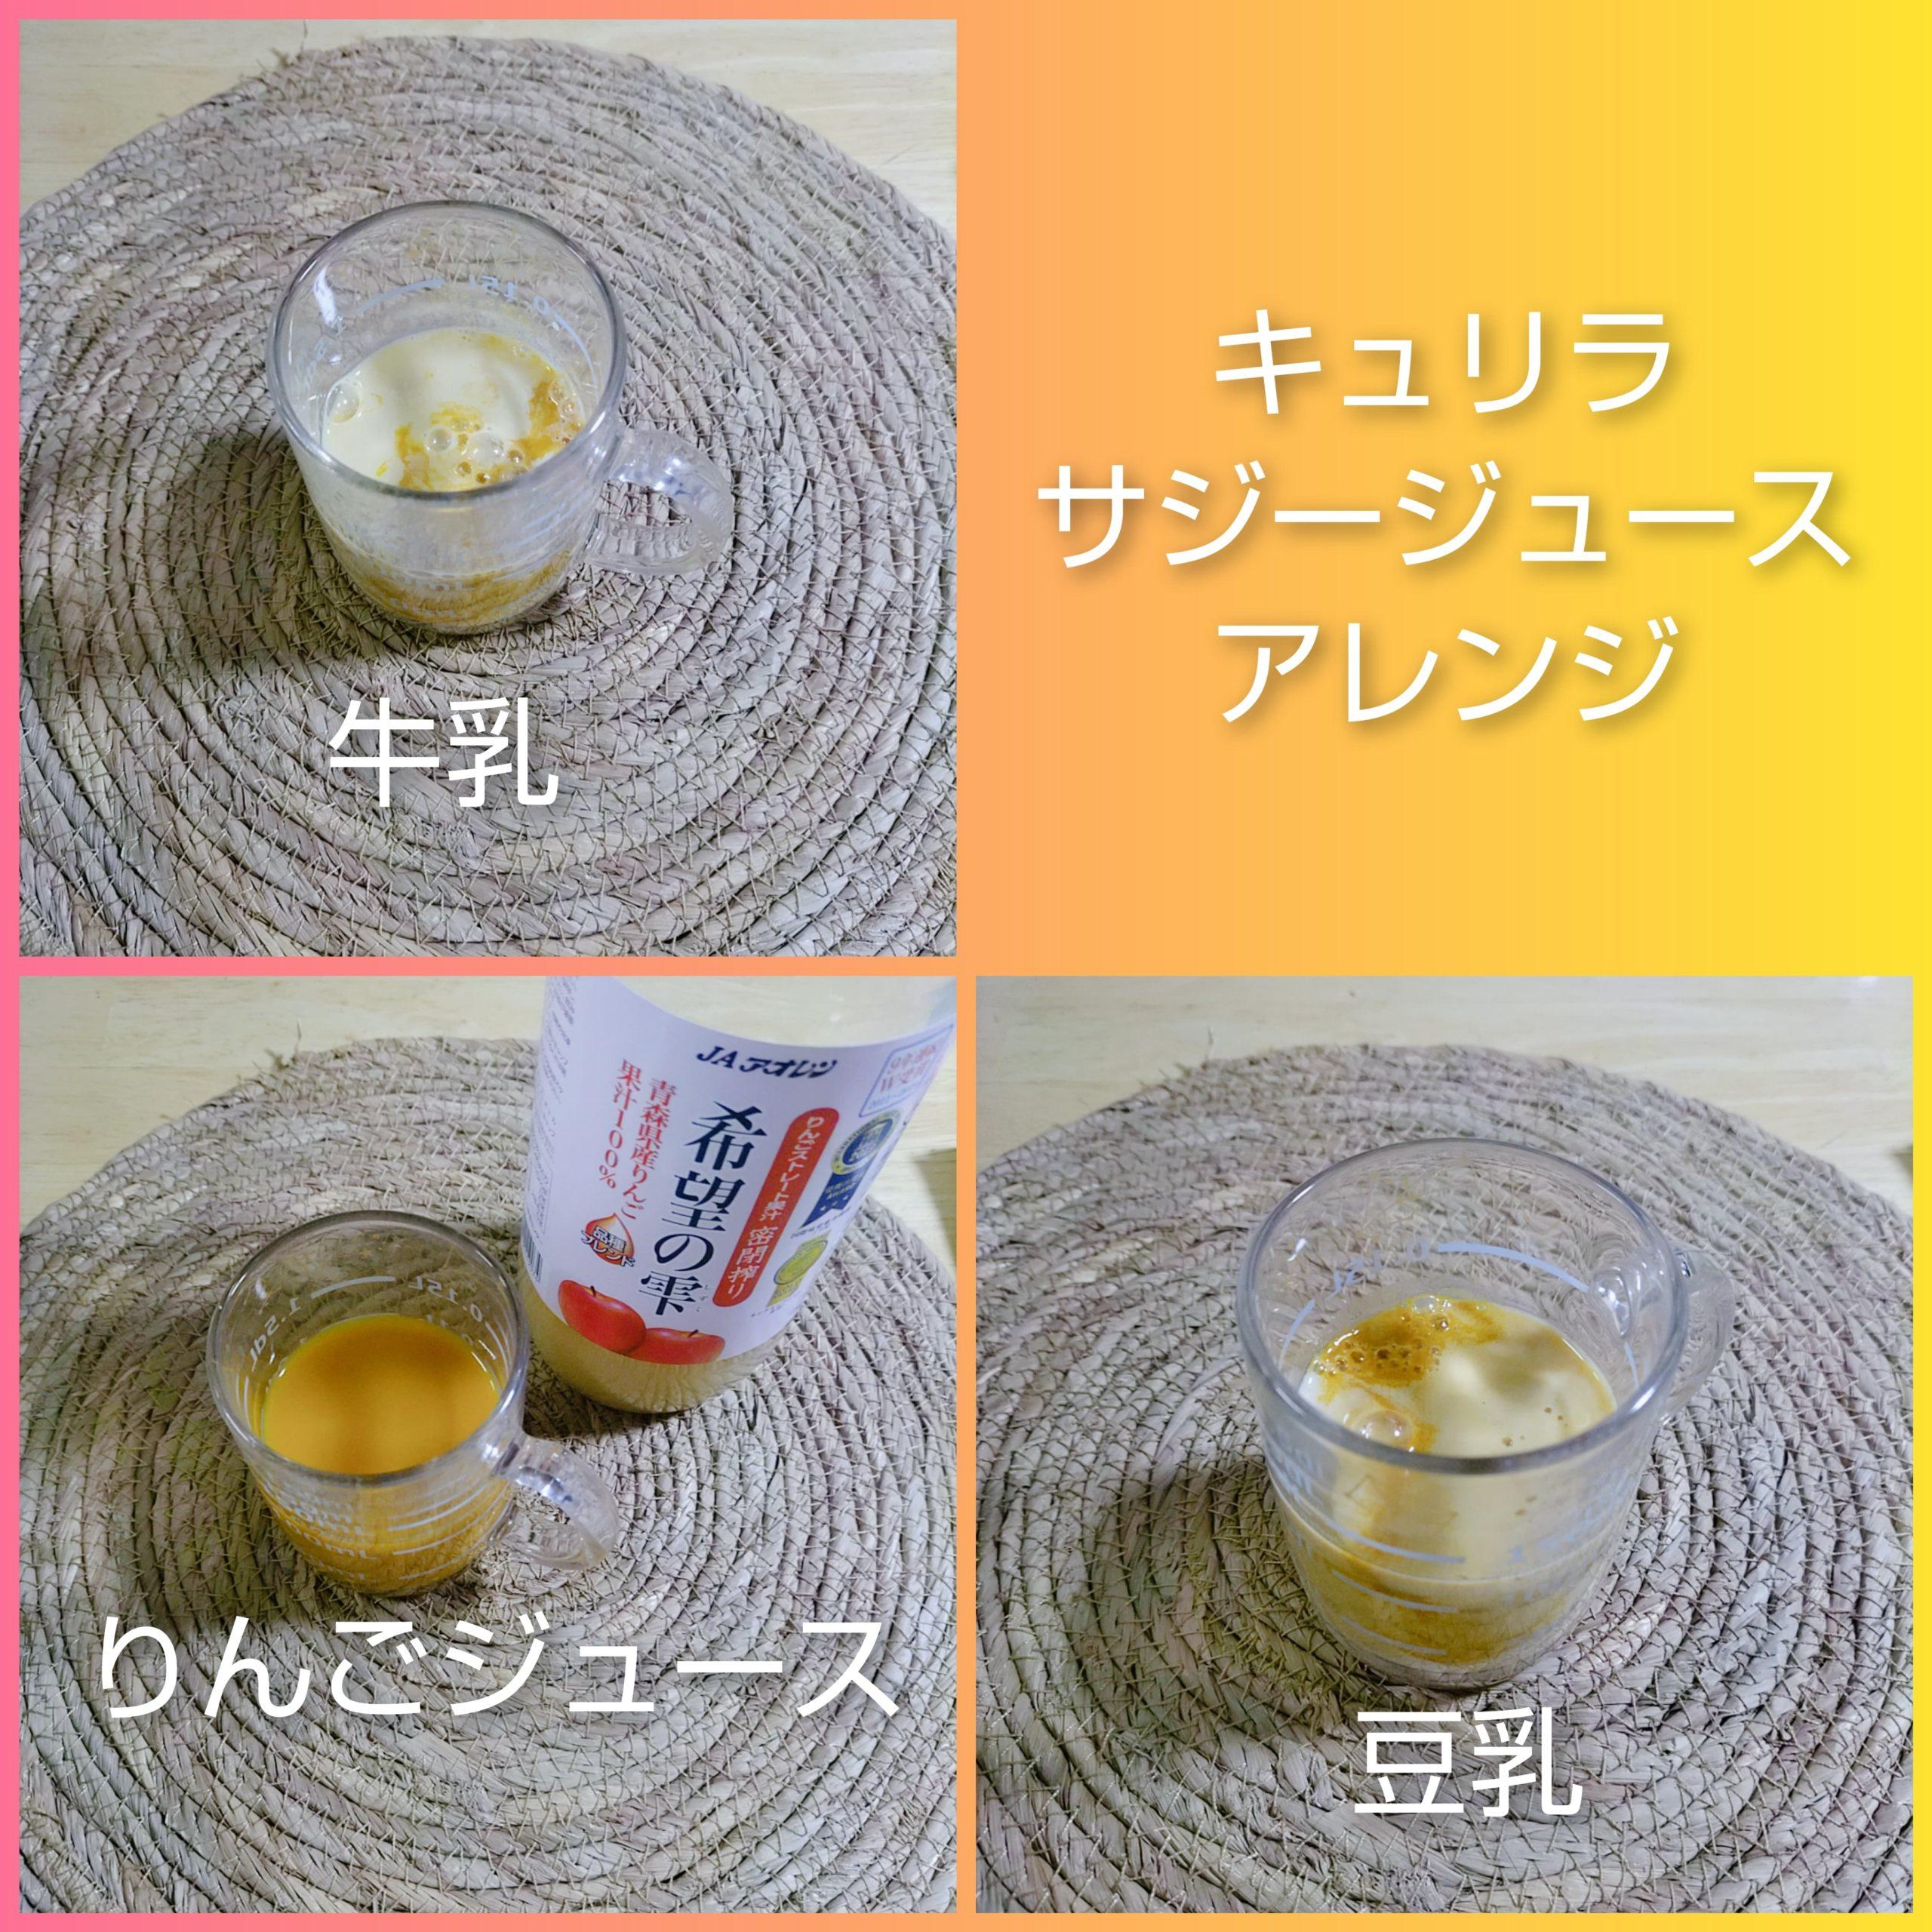 キュリラサジージュースのアレンジレシピ